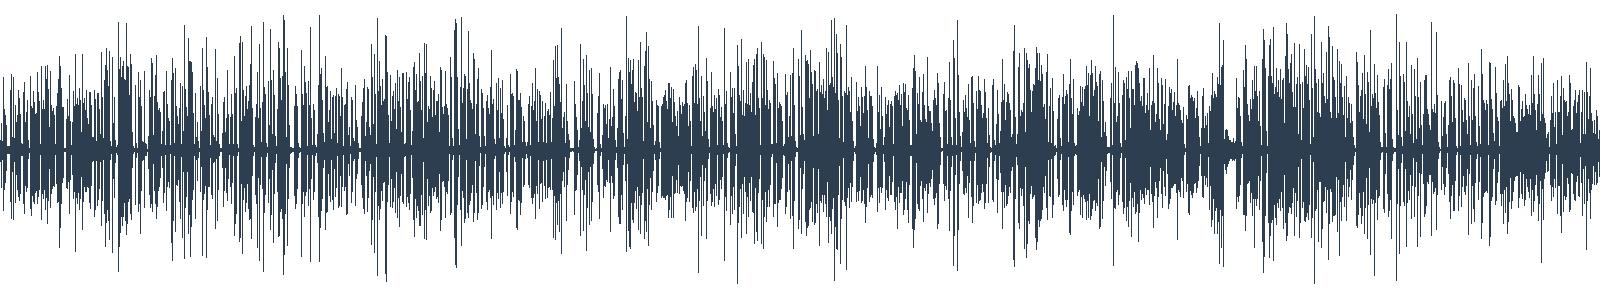 DOBROVOĽNÍK =  DOBRÁ VÔĽA + DOBRÁ VOĽBA  waveform